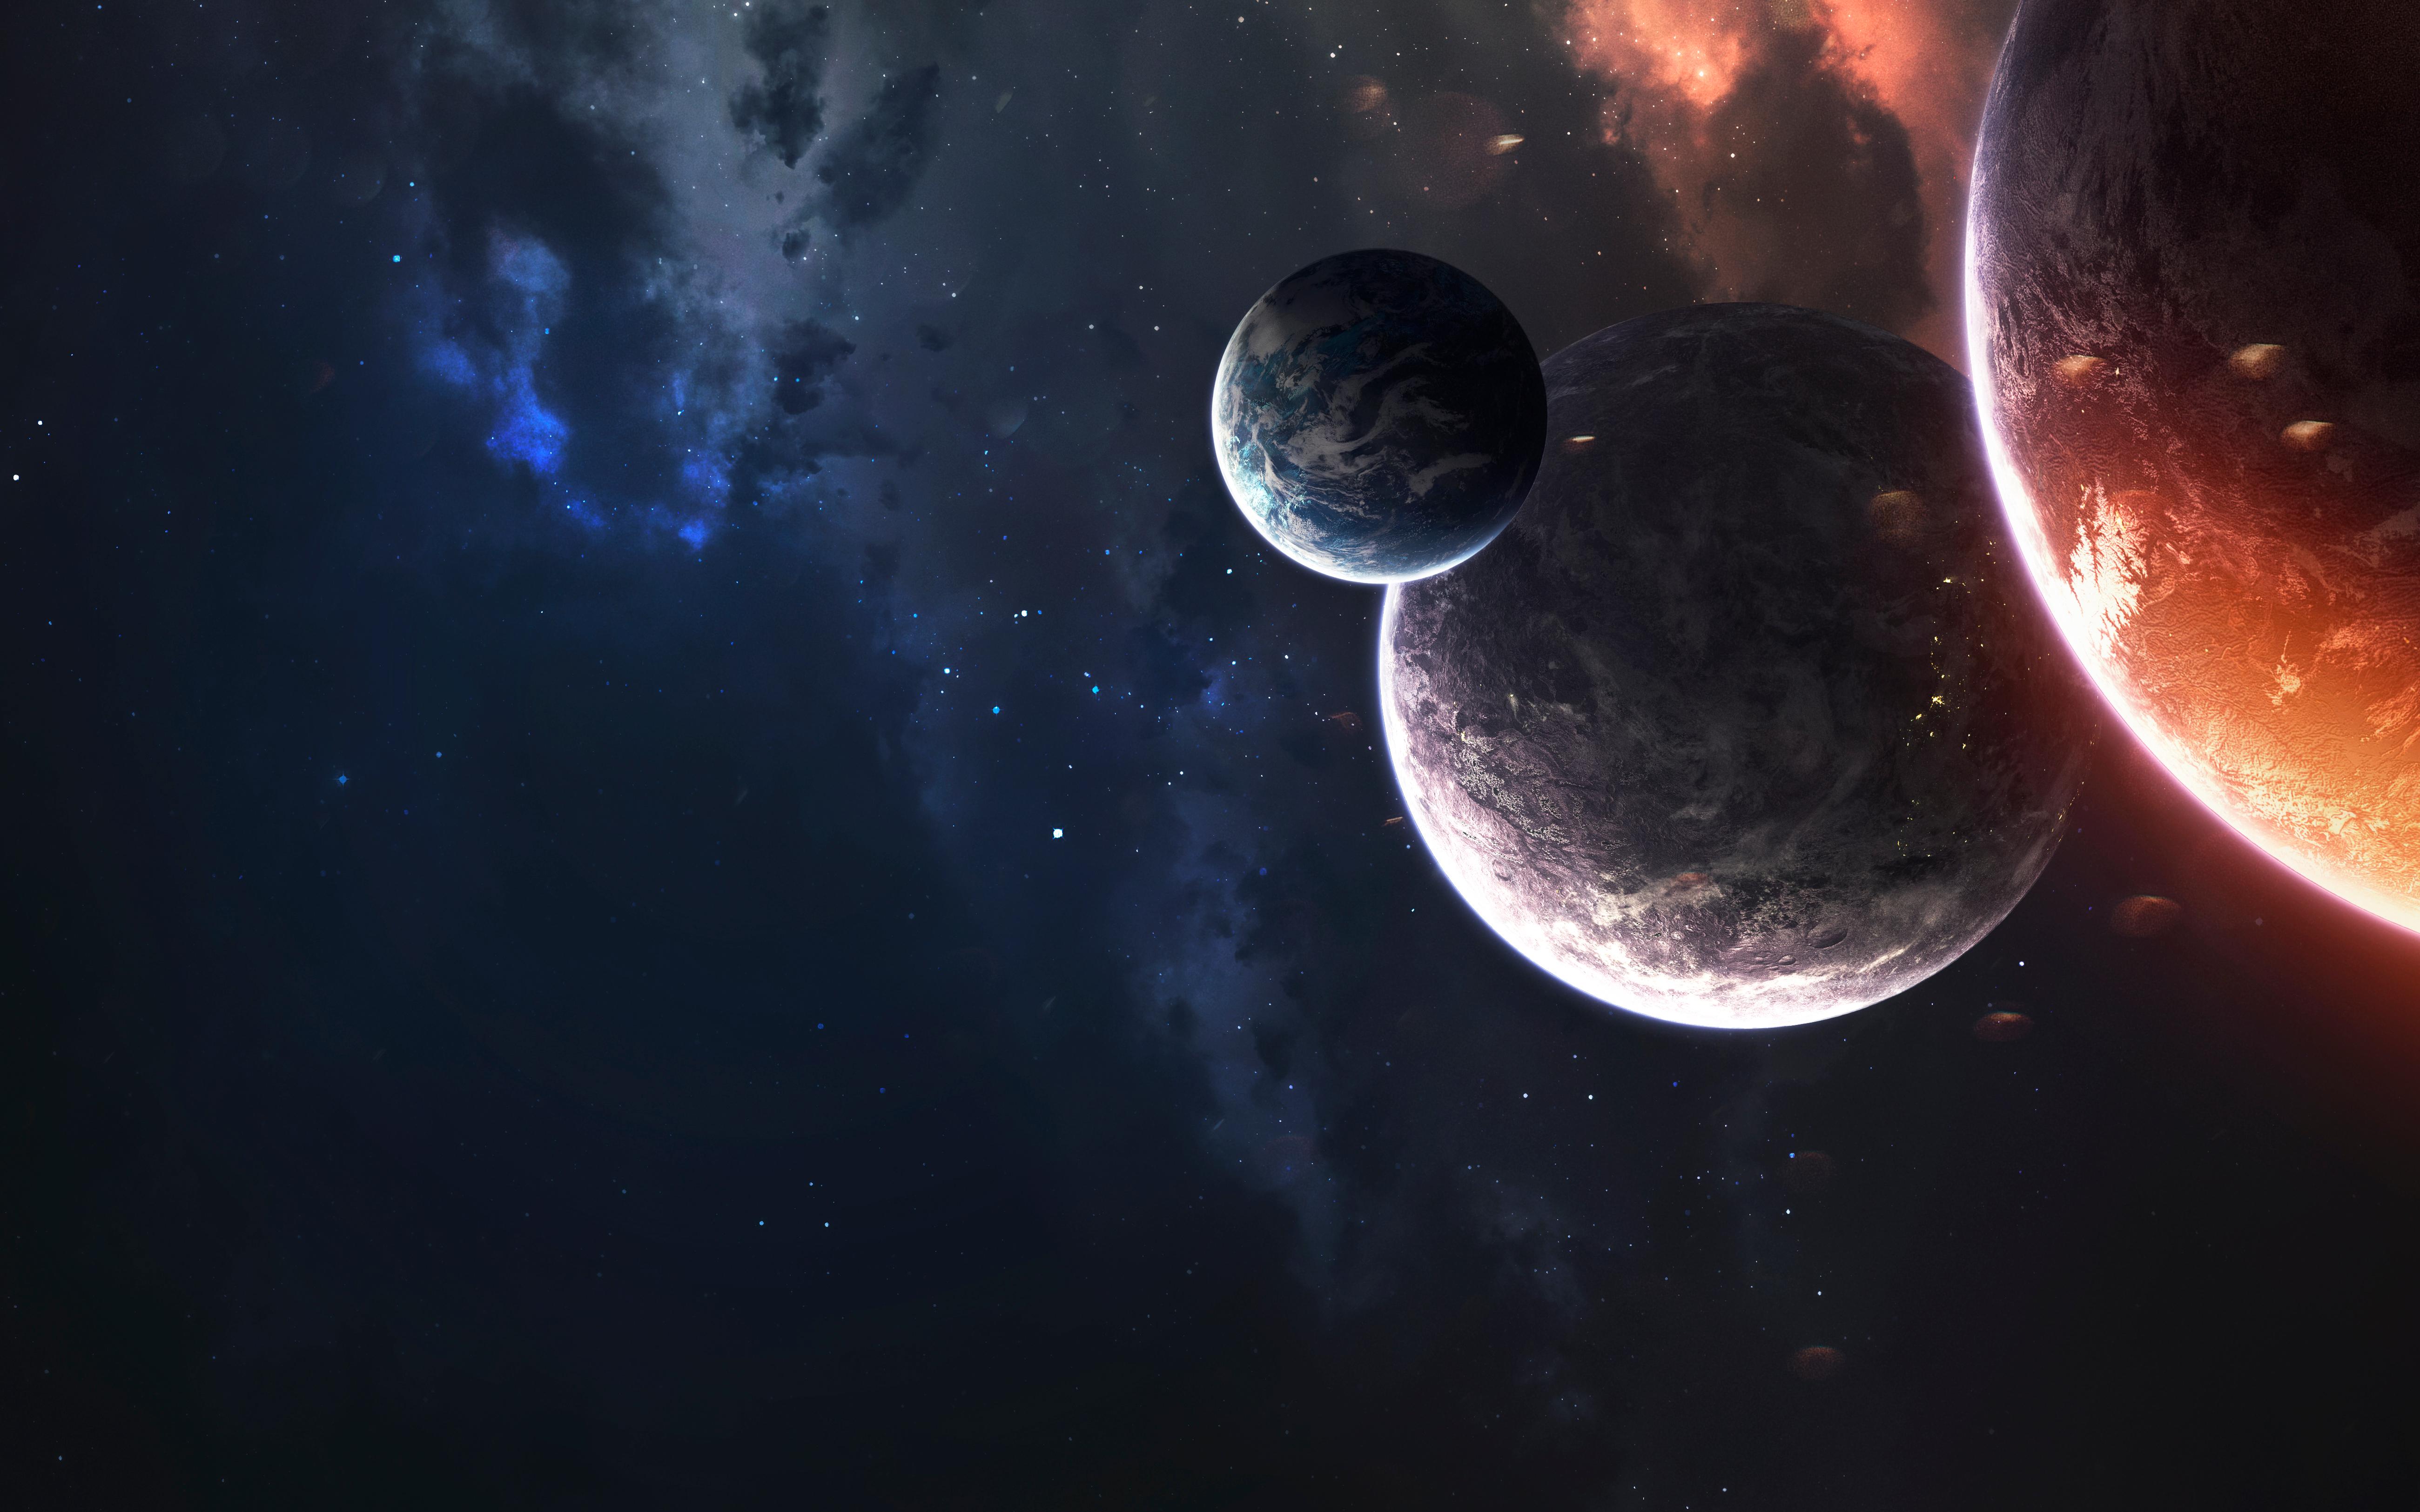 """""""Cei mai tineri astronomi"""". Doi elevi de liceu au descoperit patru exoplanete: """"Am fost șocat"""""""